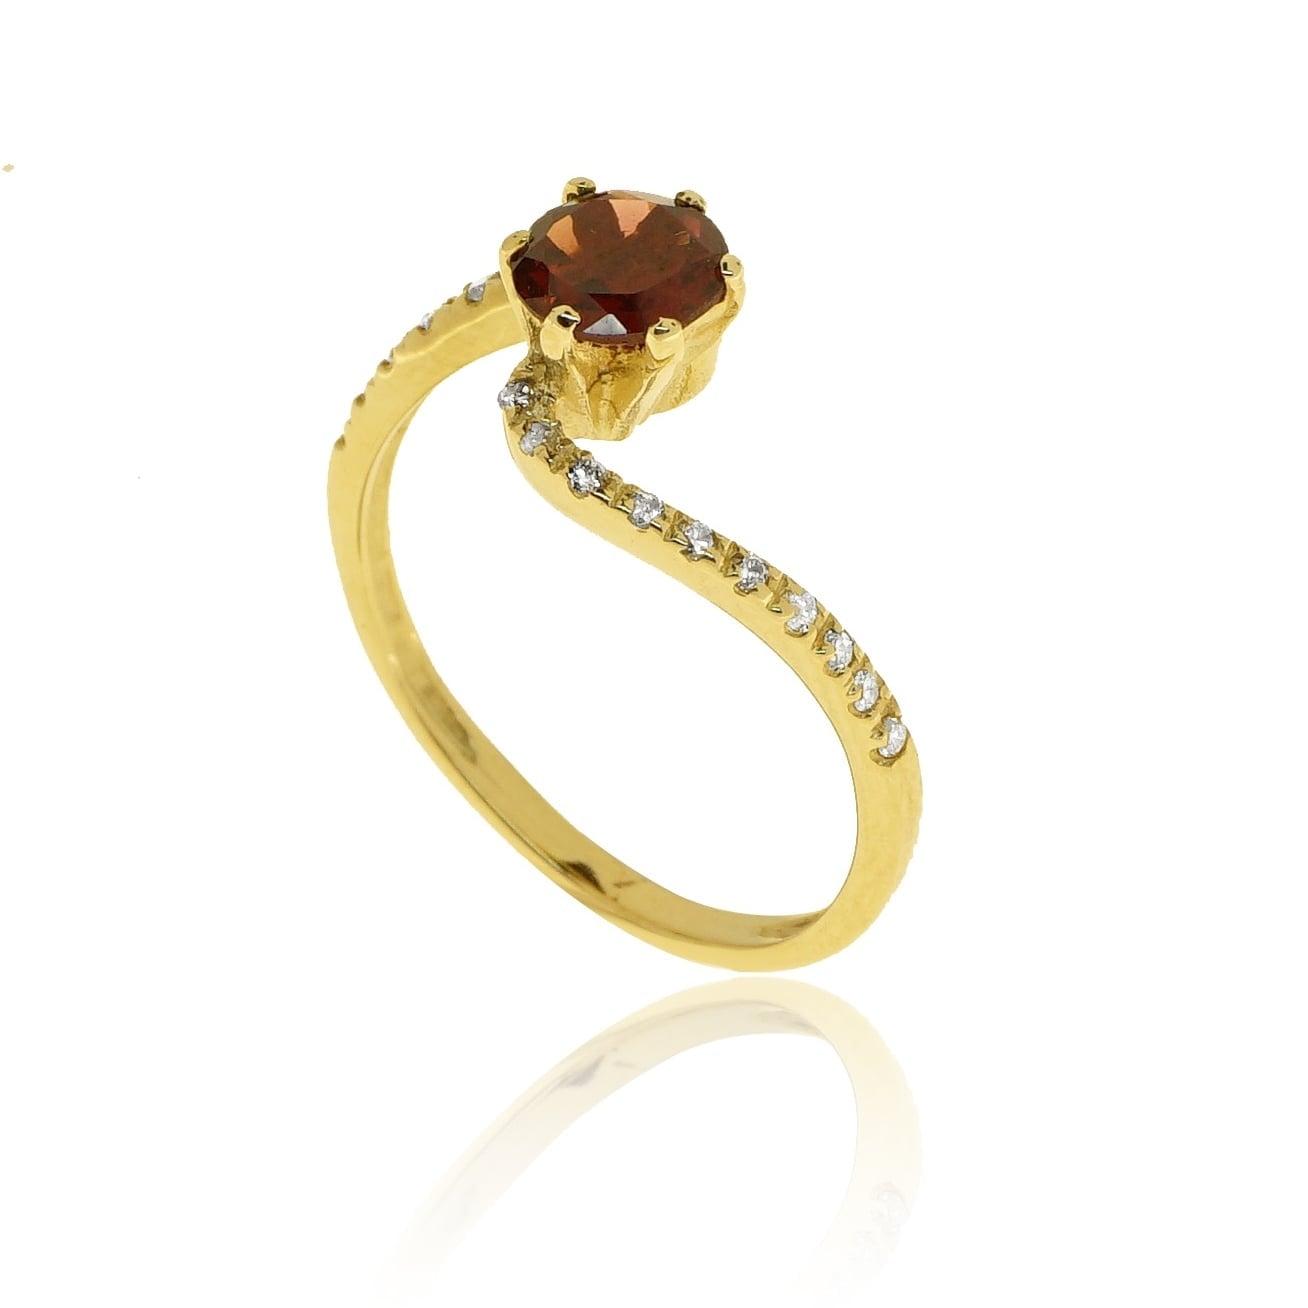 טבעת זהב 14 קרט משובצת אבן חן גרנט טבעית ו0.16 קראט יהלומים